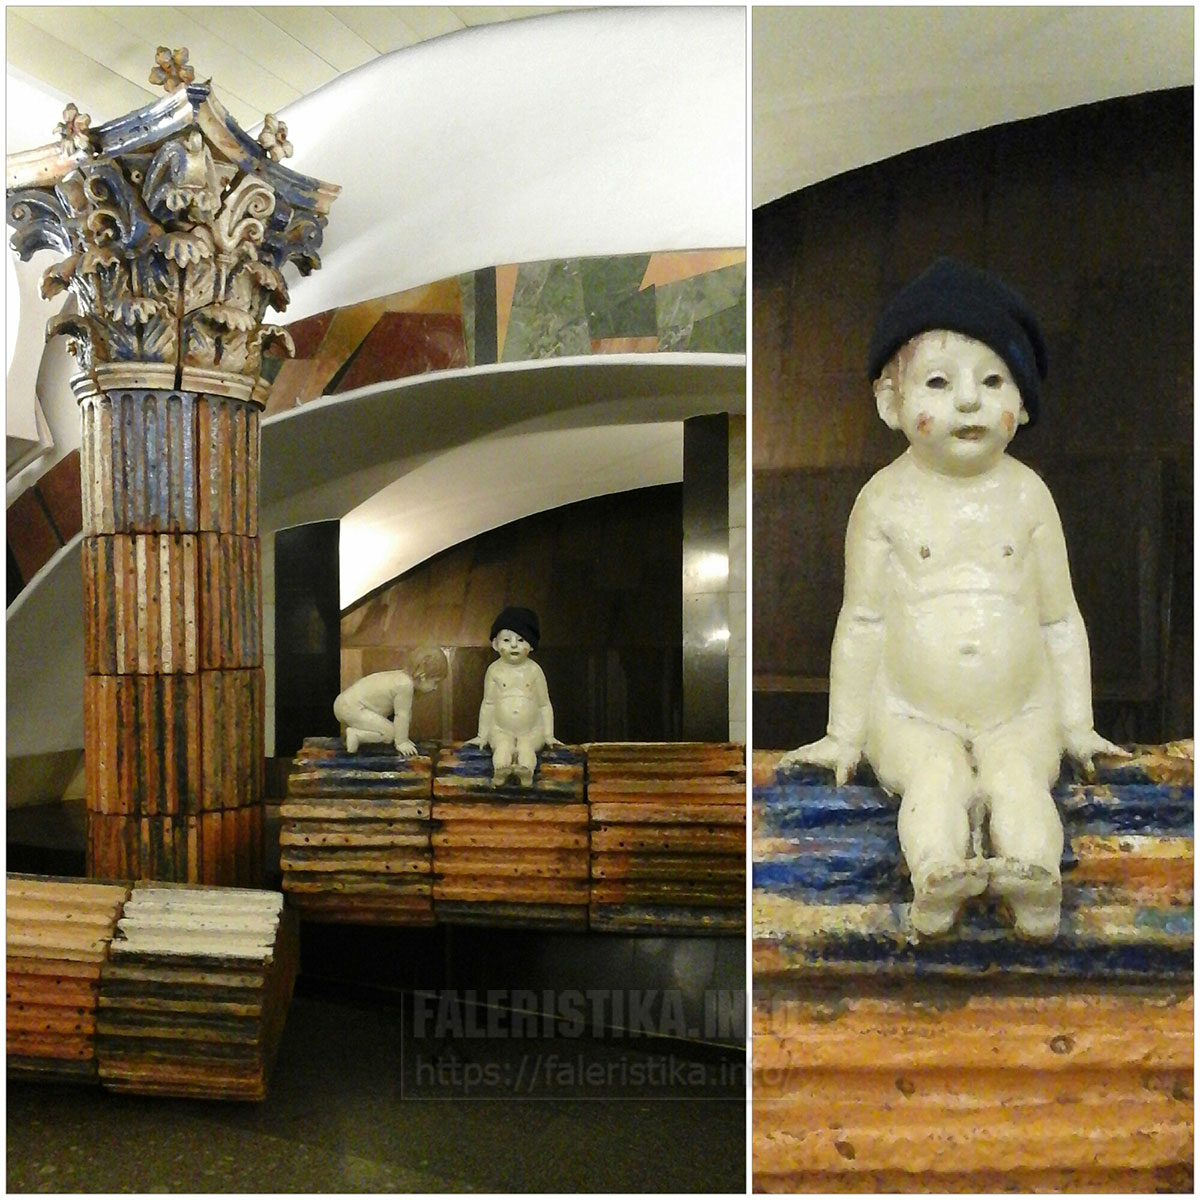 """Москва. Станция метро """"Римская"""". Ромул и Рем. Ничего такого -- два голых ребёнка на стройке. Но когда одному из них надели шапку -- он стал стильным пацаном!"""